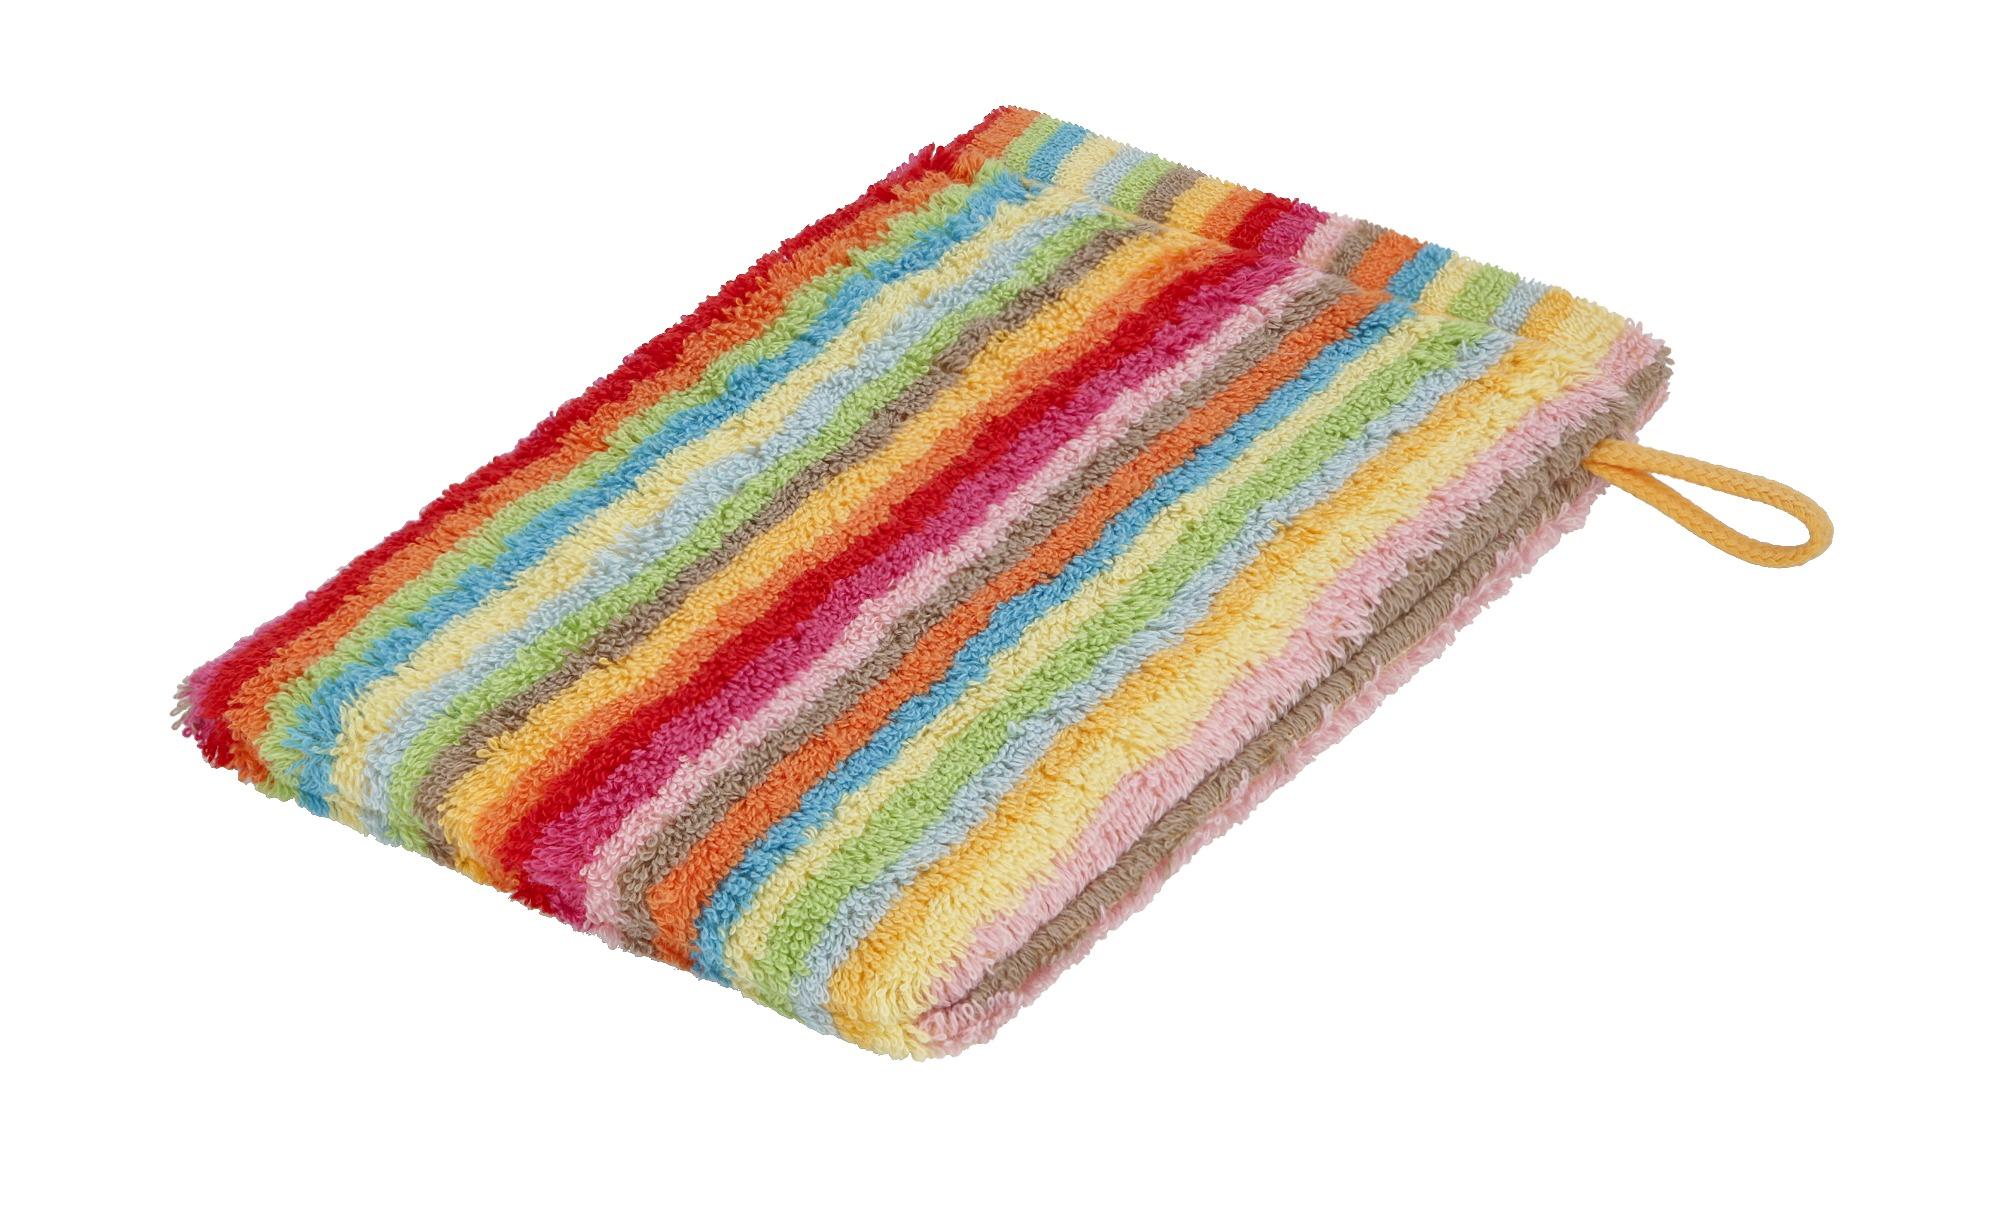 CaWö Waschhandschuh  7008 ¦ mehrfarbig ¦ 100% Baumwolle ¦ Maße (cm): B: 16 Badtextilien und Zubehör > Handtücher & Badetücher > Handtücher - Höffner